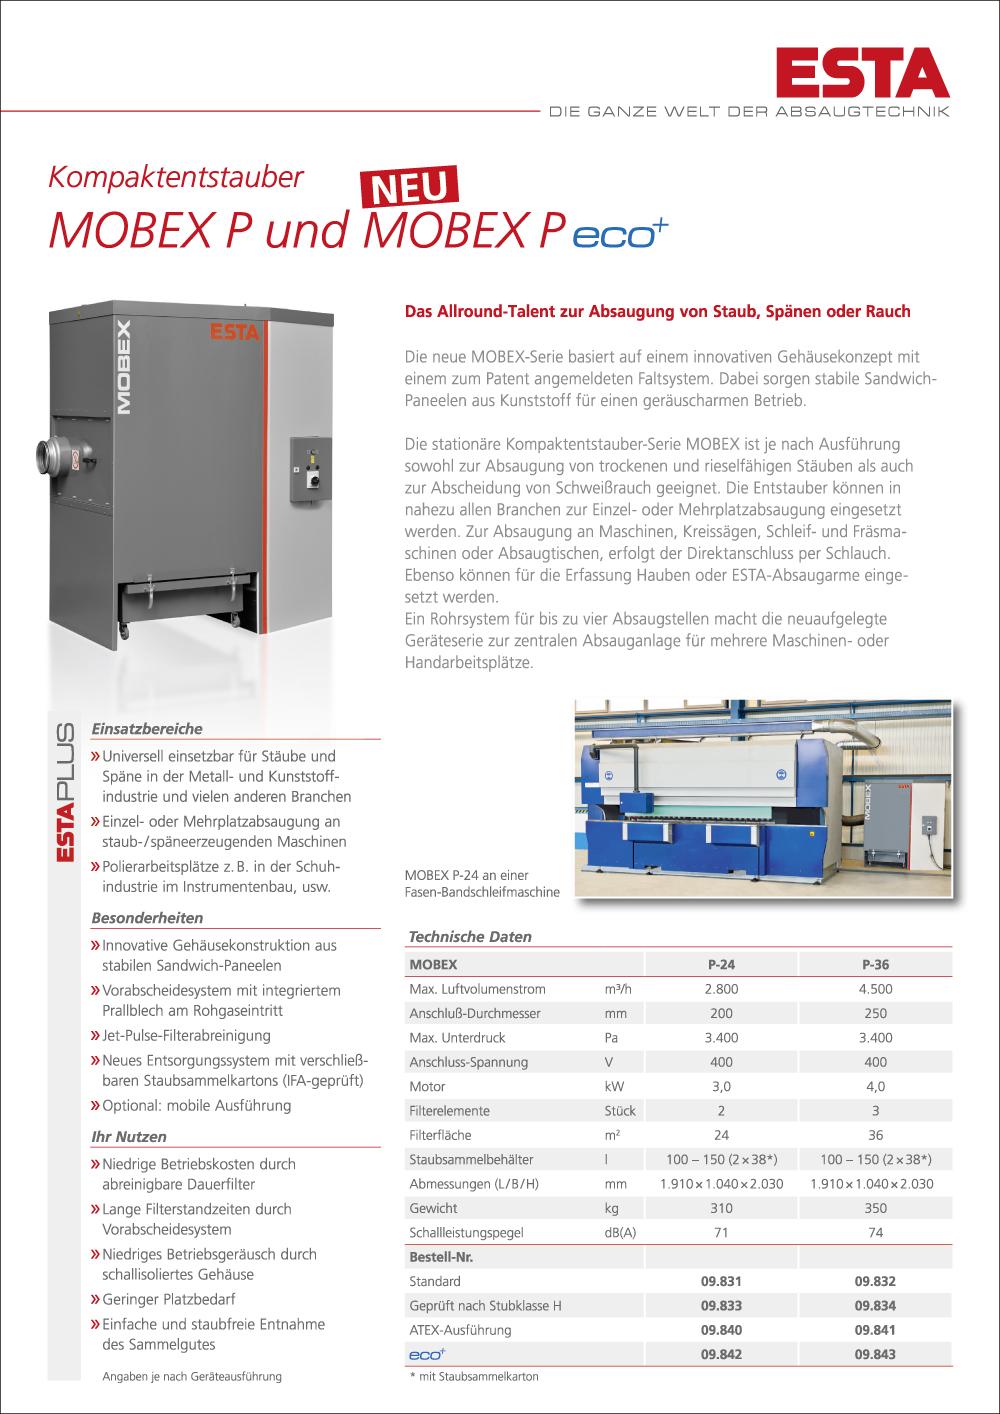 Das MOBEX Prospekt.